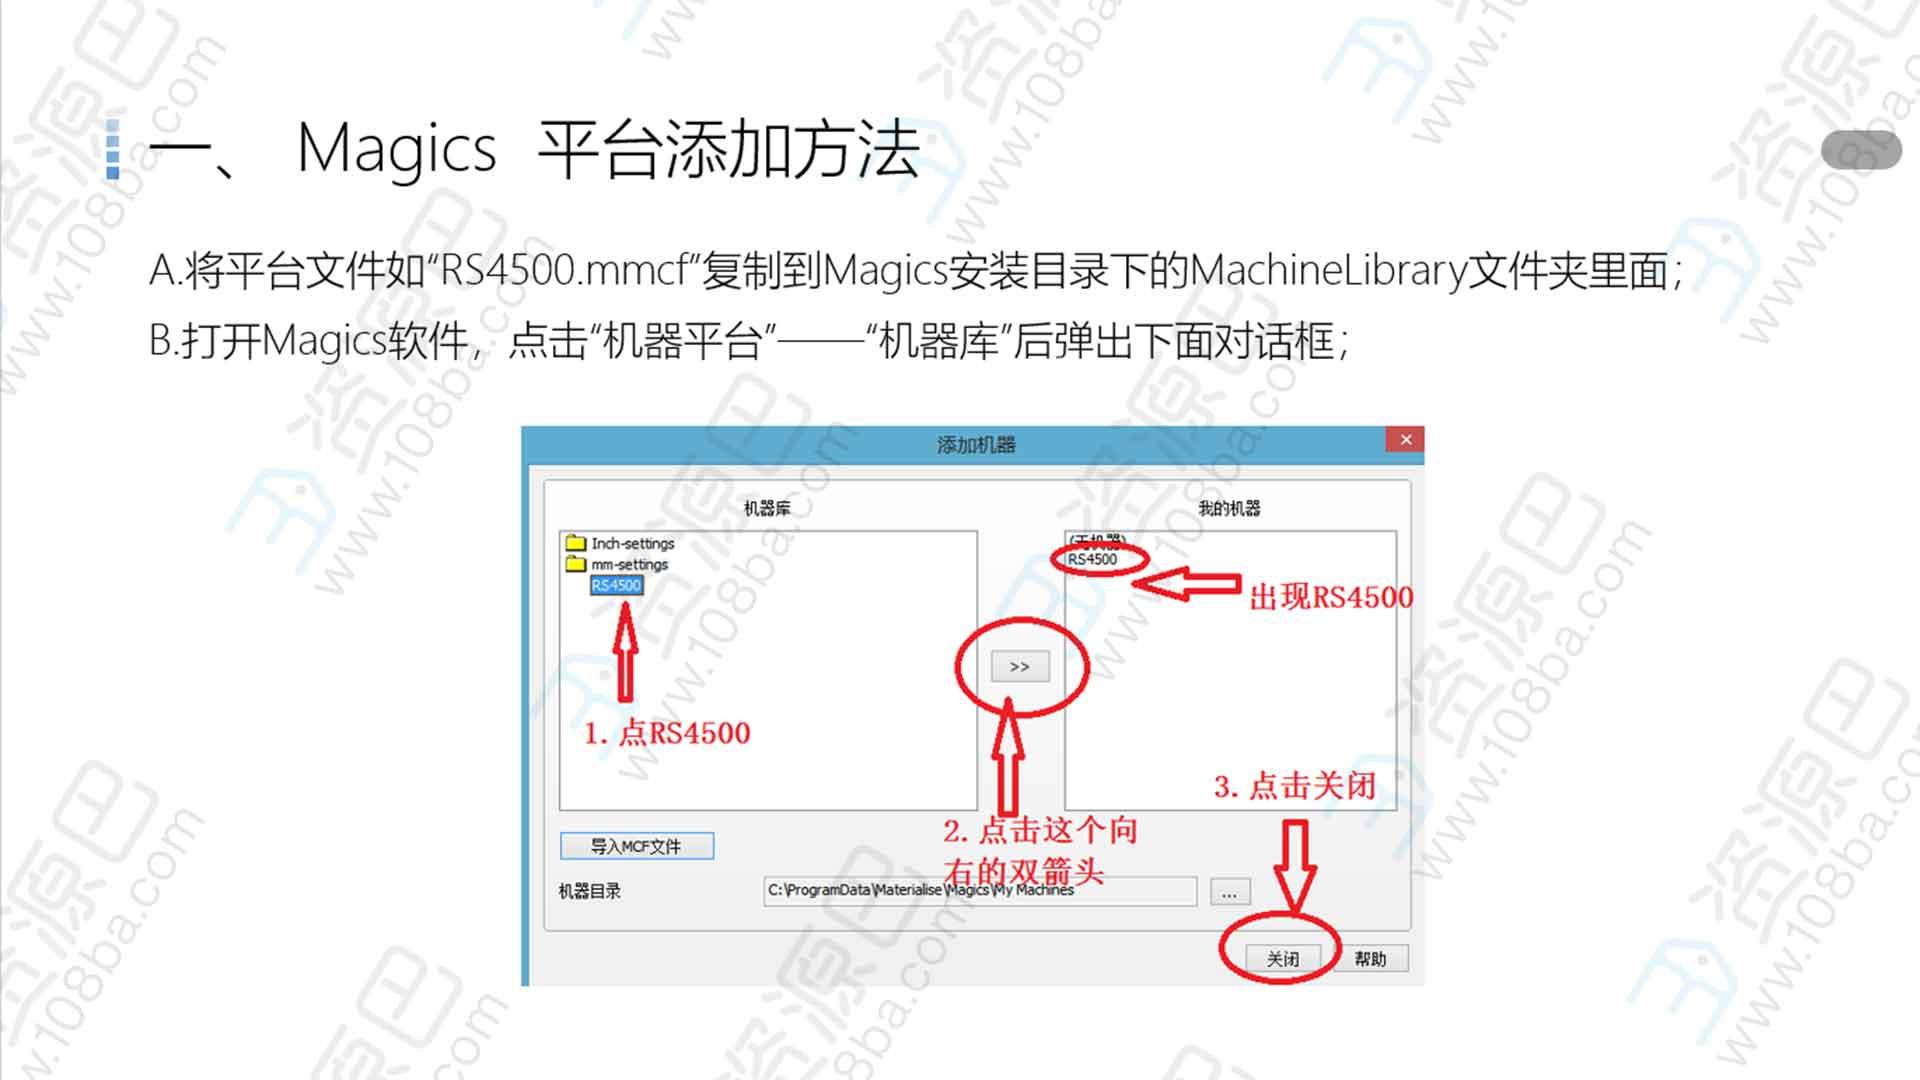 联泰内部3D打印Magics培训资料文档插图5